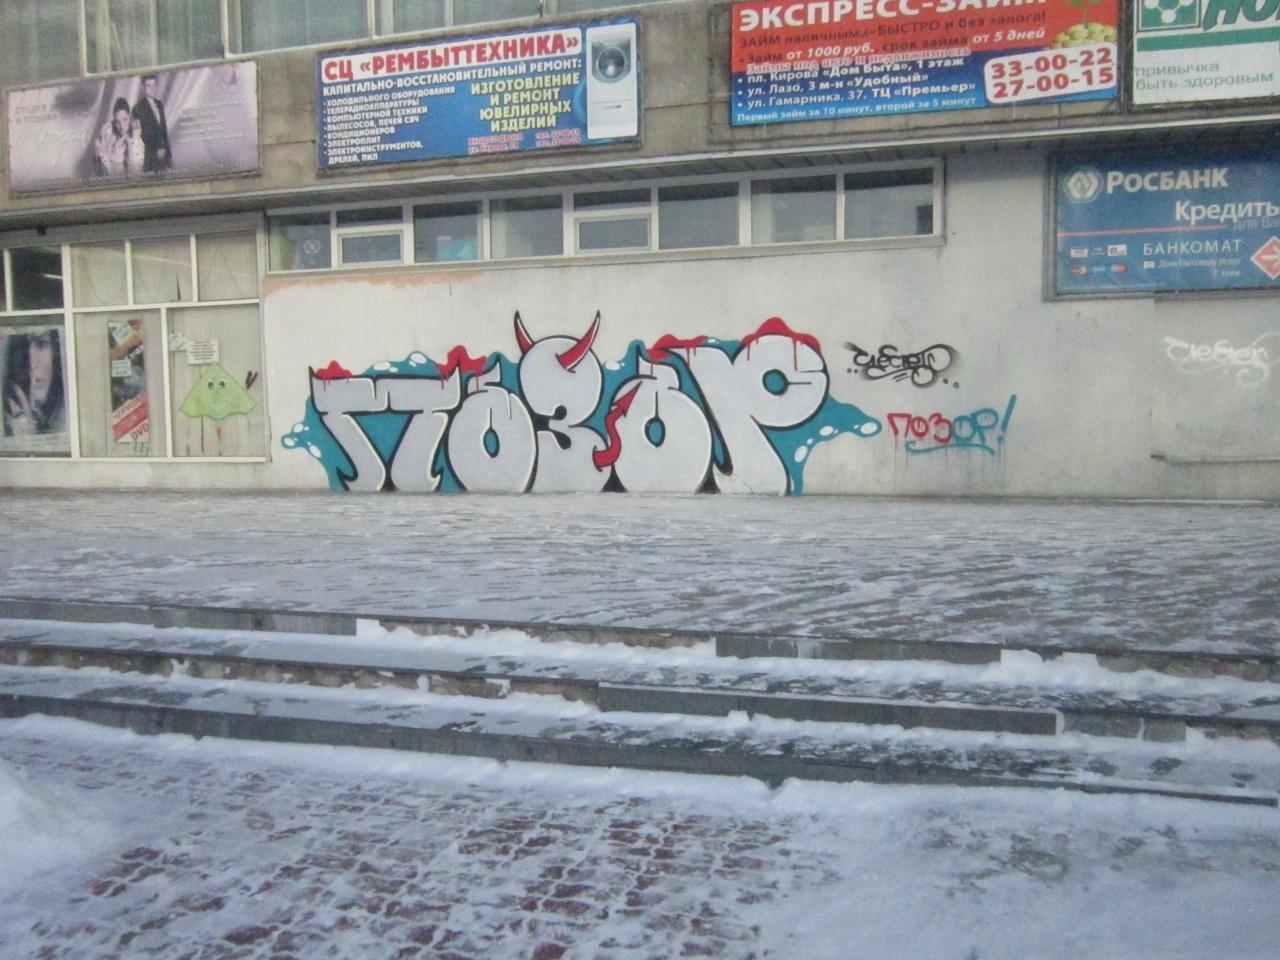 Привет из Комсомольска-на-Амуре!